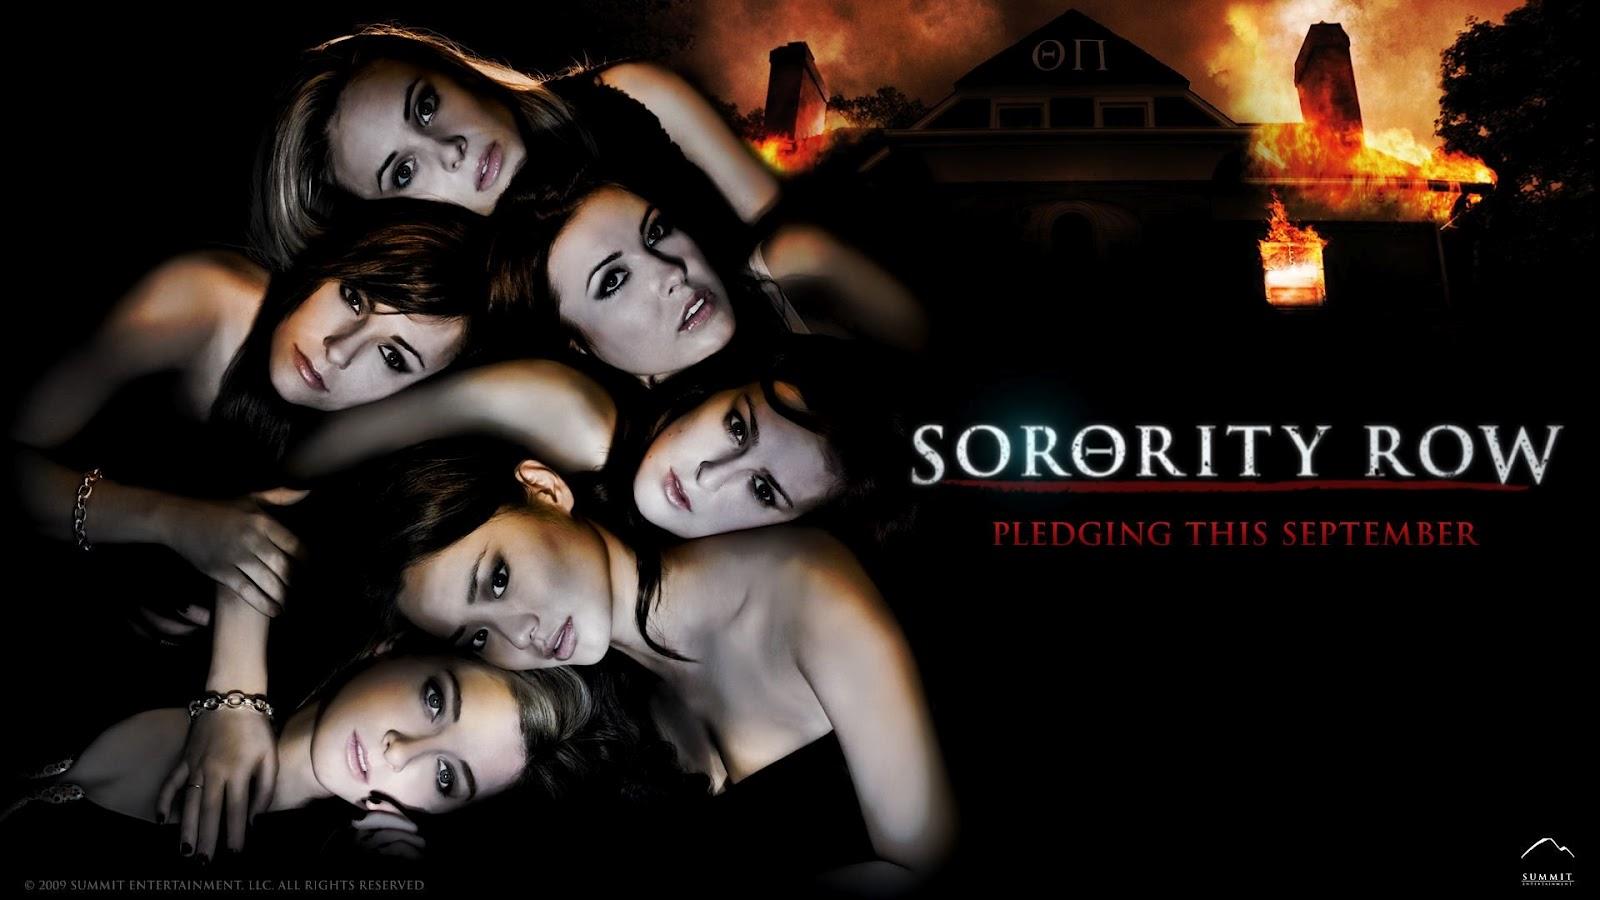 http://3.bp.blogspot.com/-2_VFdrK_Kl4/T1nX8PDsVHI/AAAAAAAACms/qu_A-D9ez4s/s1600/Margo+Harshman+in+Sorority+Row+Wallpaper.jpg